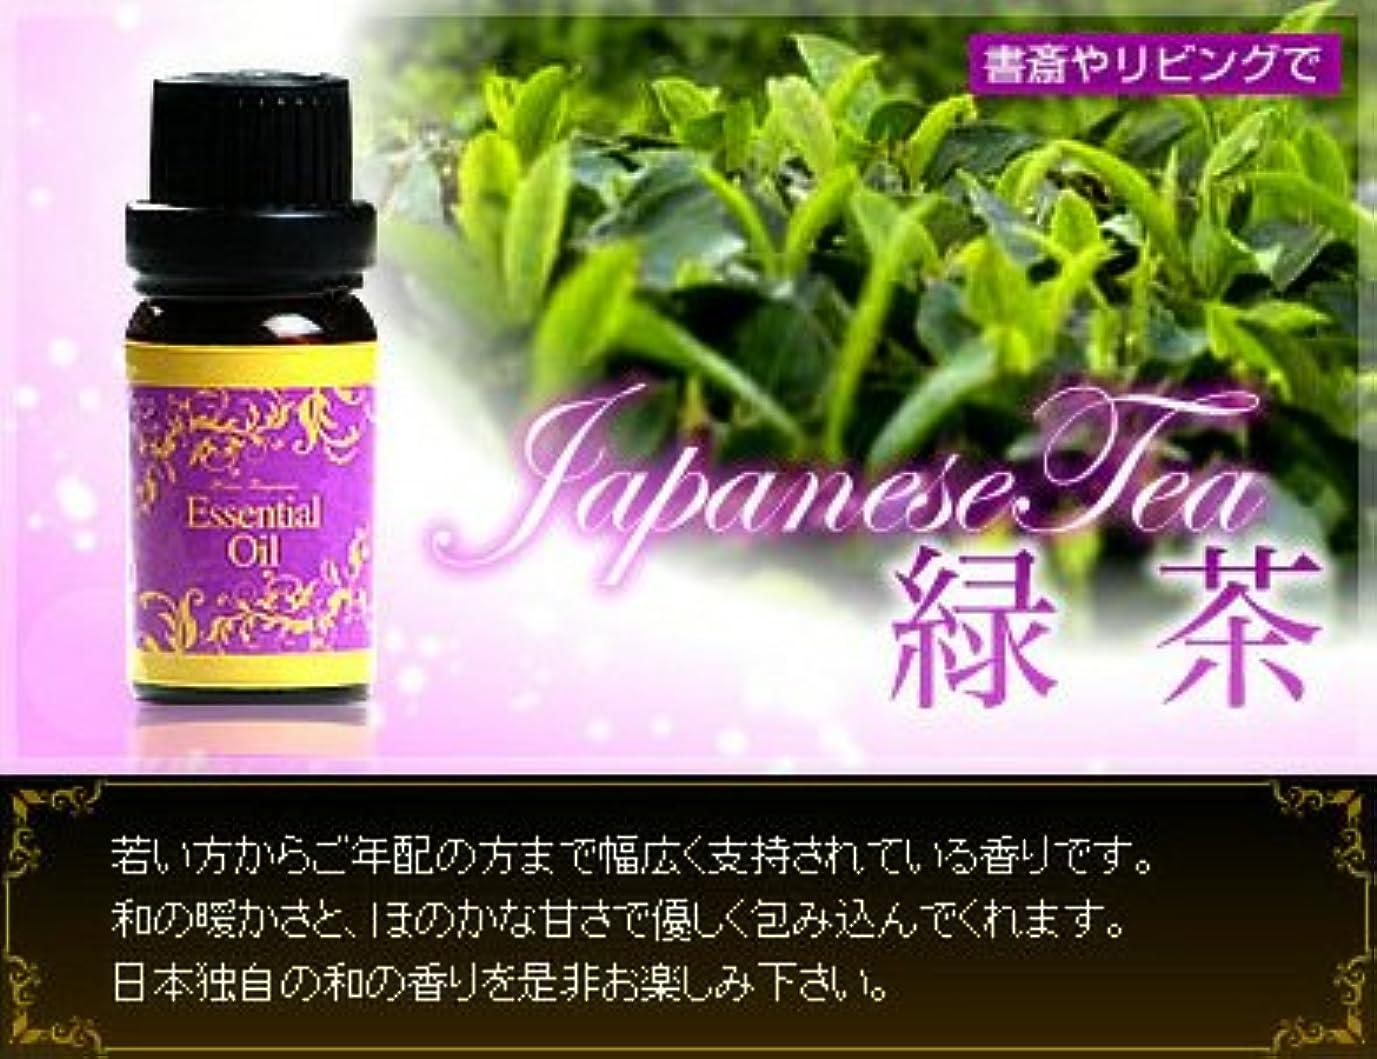 裸取り除く寝室を掃除するエッセンシャルオイル10ml (緑茶)